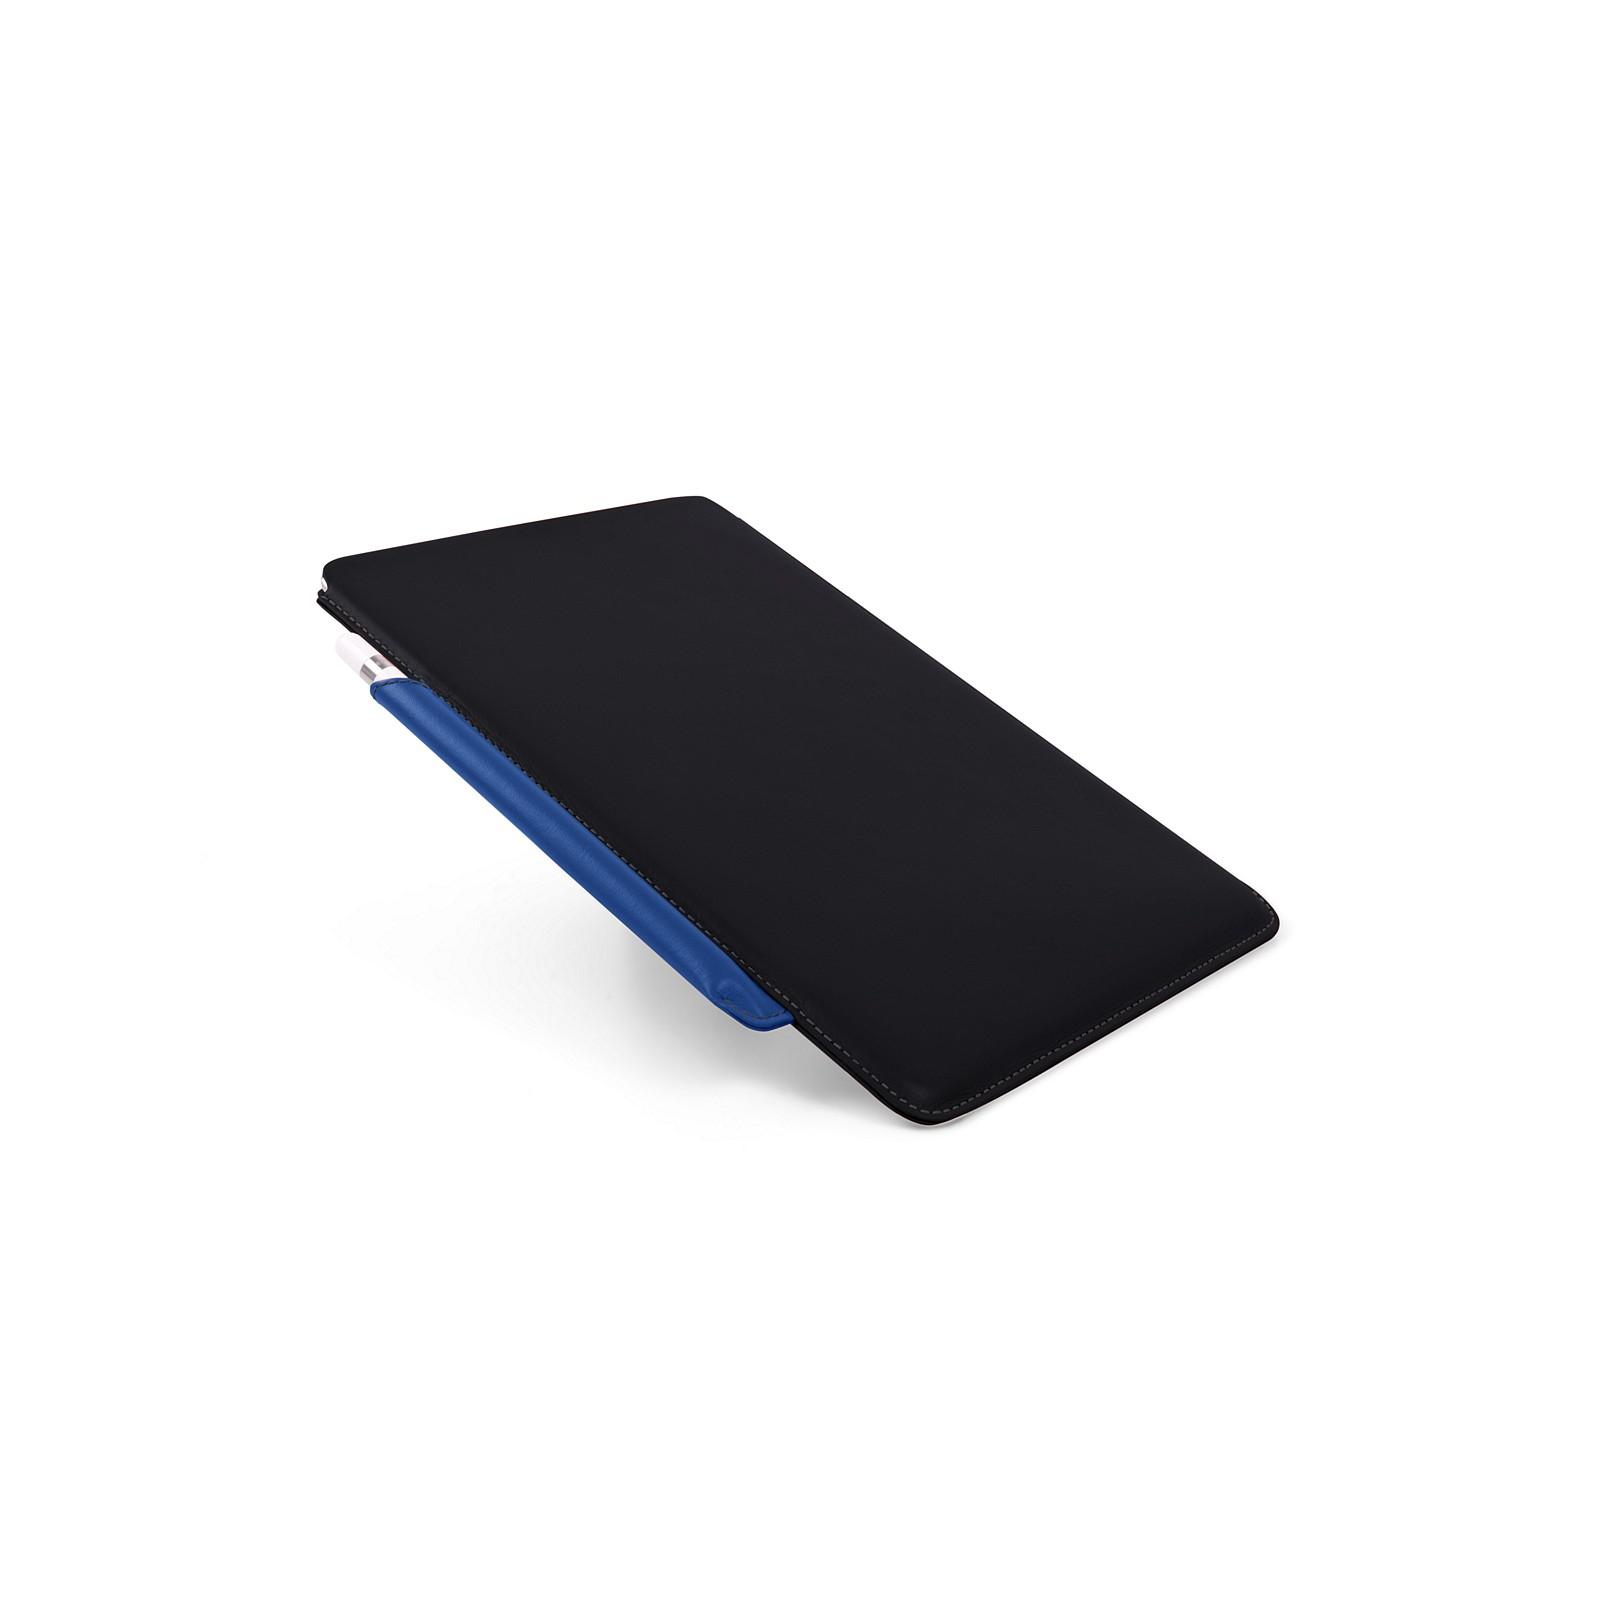 62c939acdbe Funda para iPad de con soporte para Apple Pencil Negro-Cielo Azul - Piel  Liso Funda para iPad de con soporte para Apple Pencil Negro-Cielo Azul -  Piel Liso